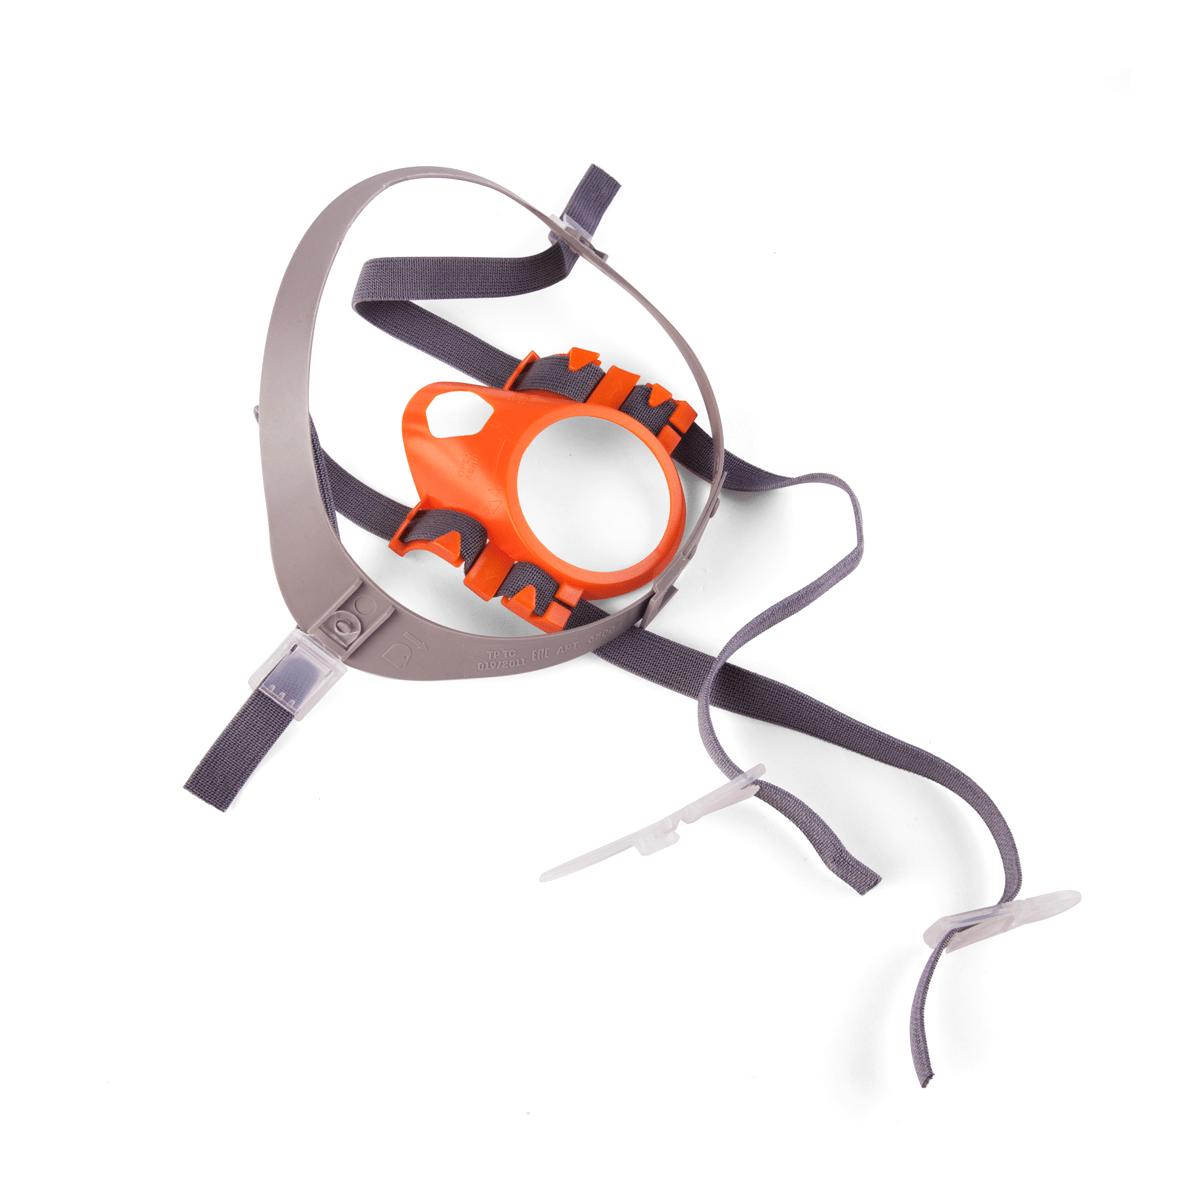 js 65204 - Ремешки для полумаски (оголовье) Jeta Safety 6500